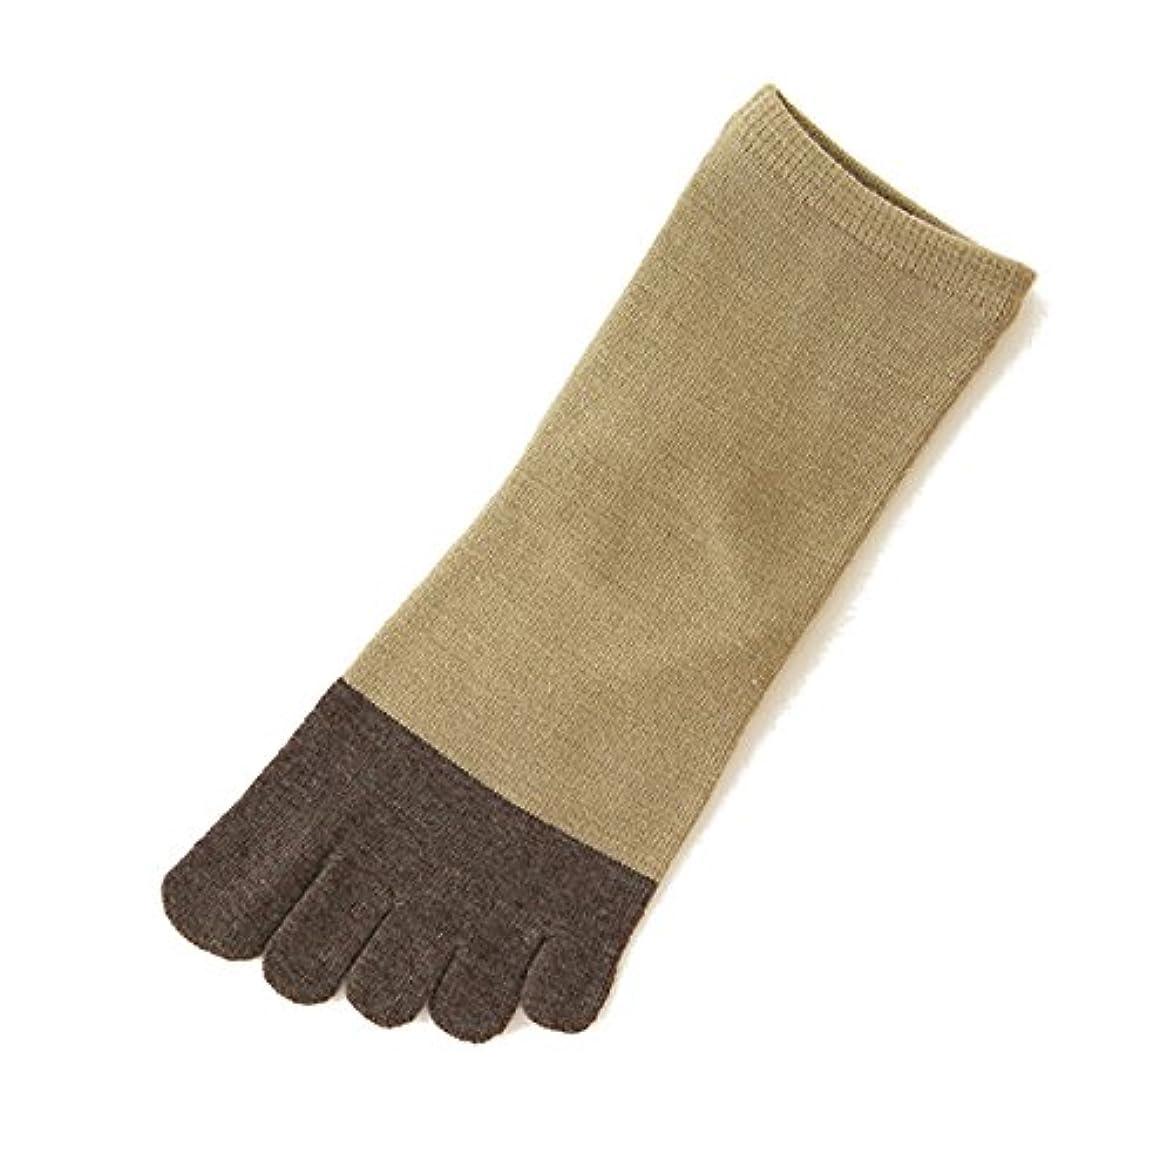 [靴下屋]クツシタヤ 2面切り替え5本指ソックス 22.0~24.0cm 日本製 五本指靴下